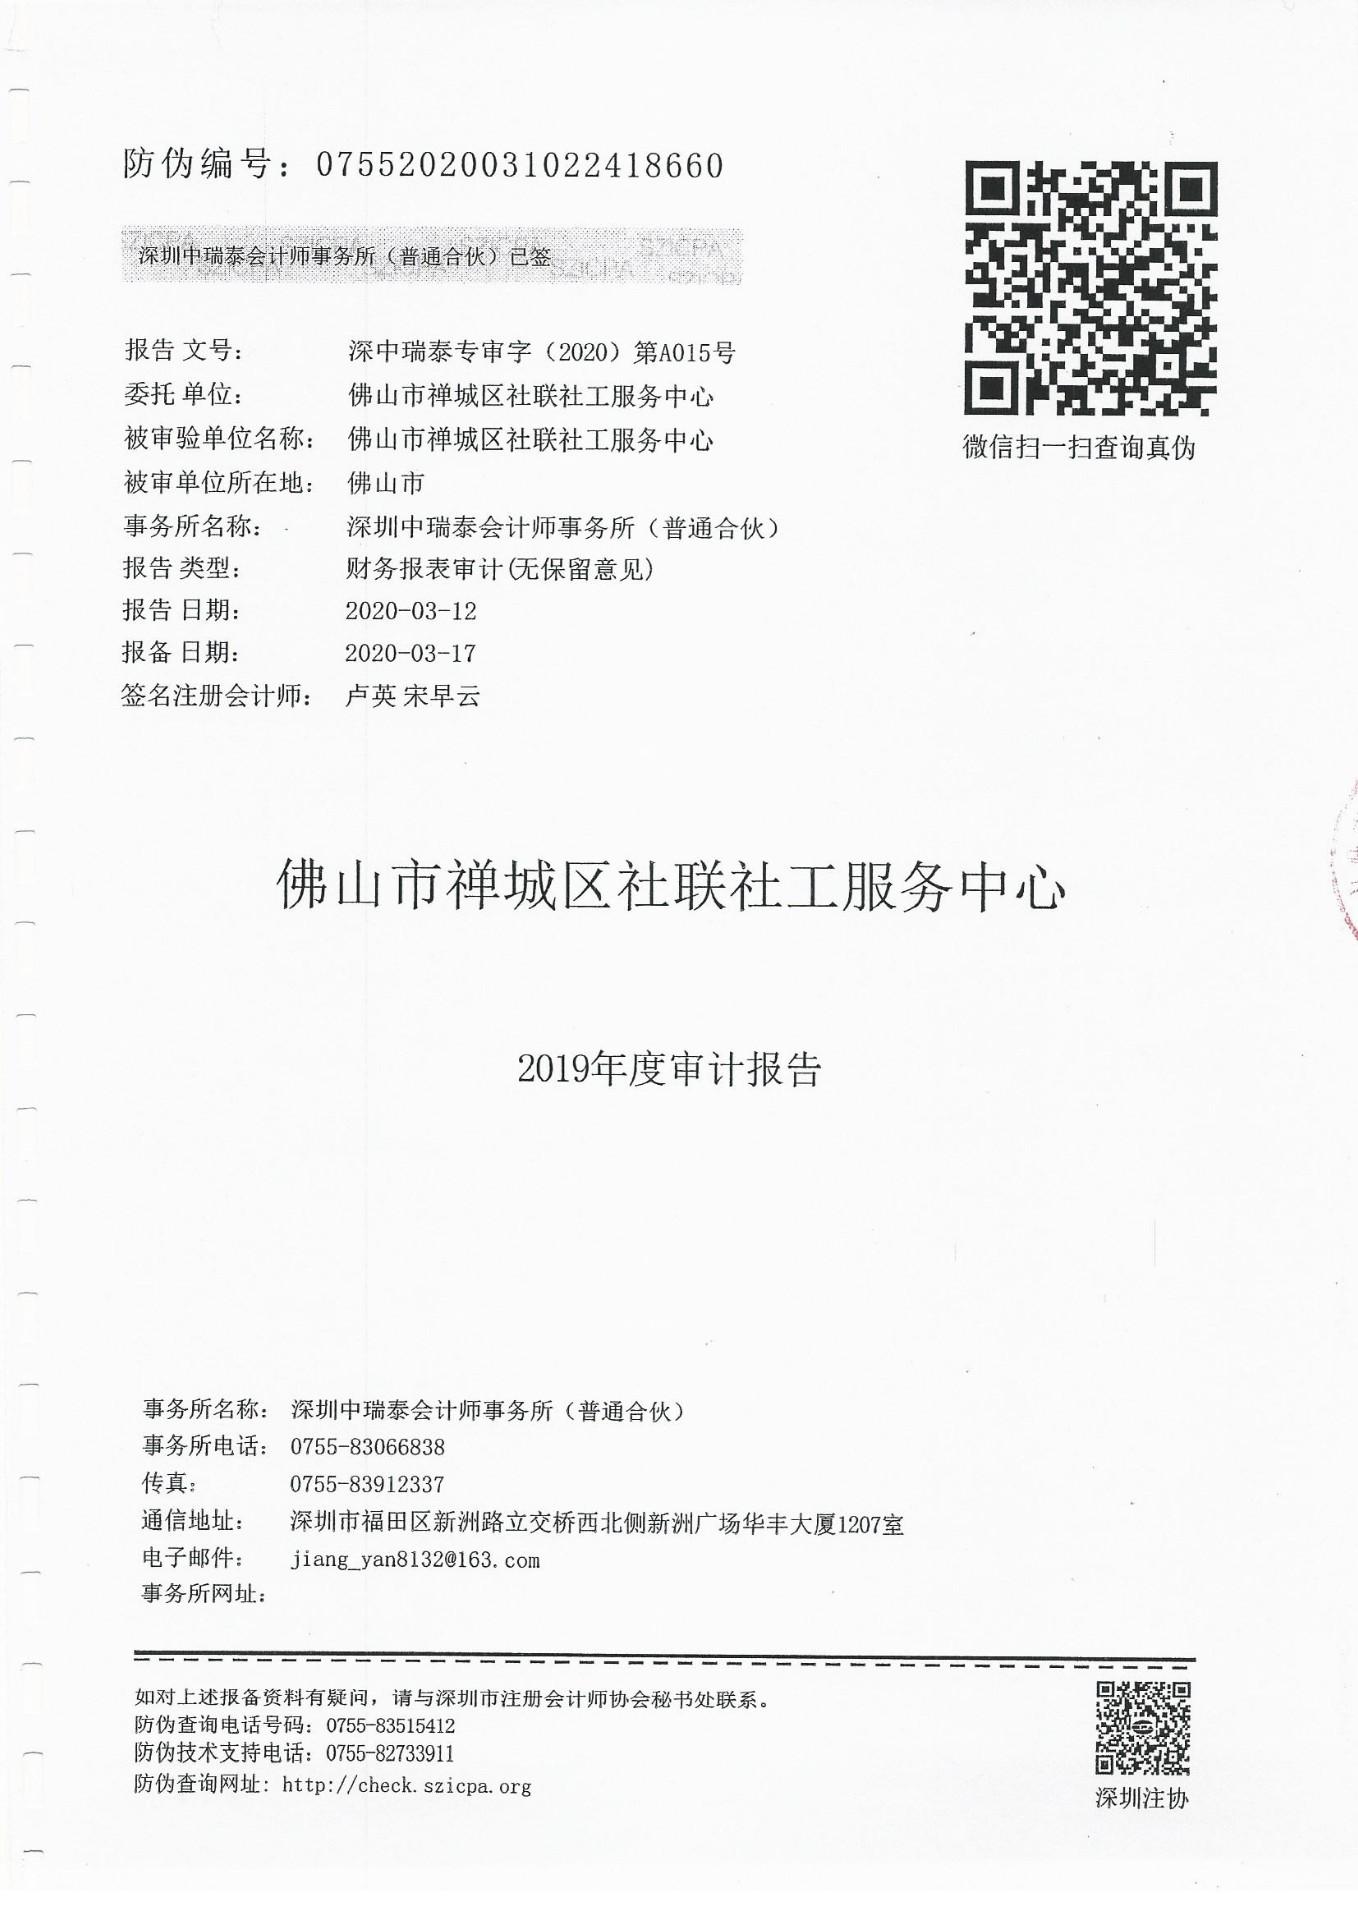 2019年度财务审计报告